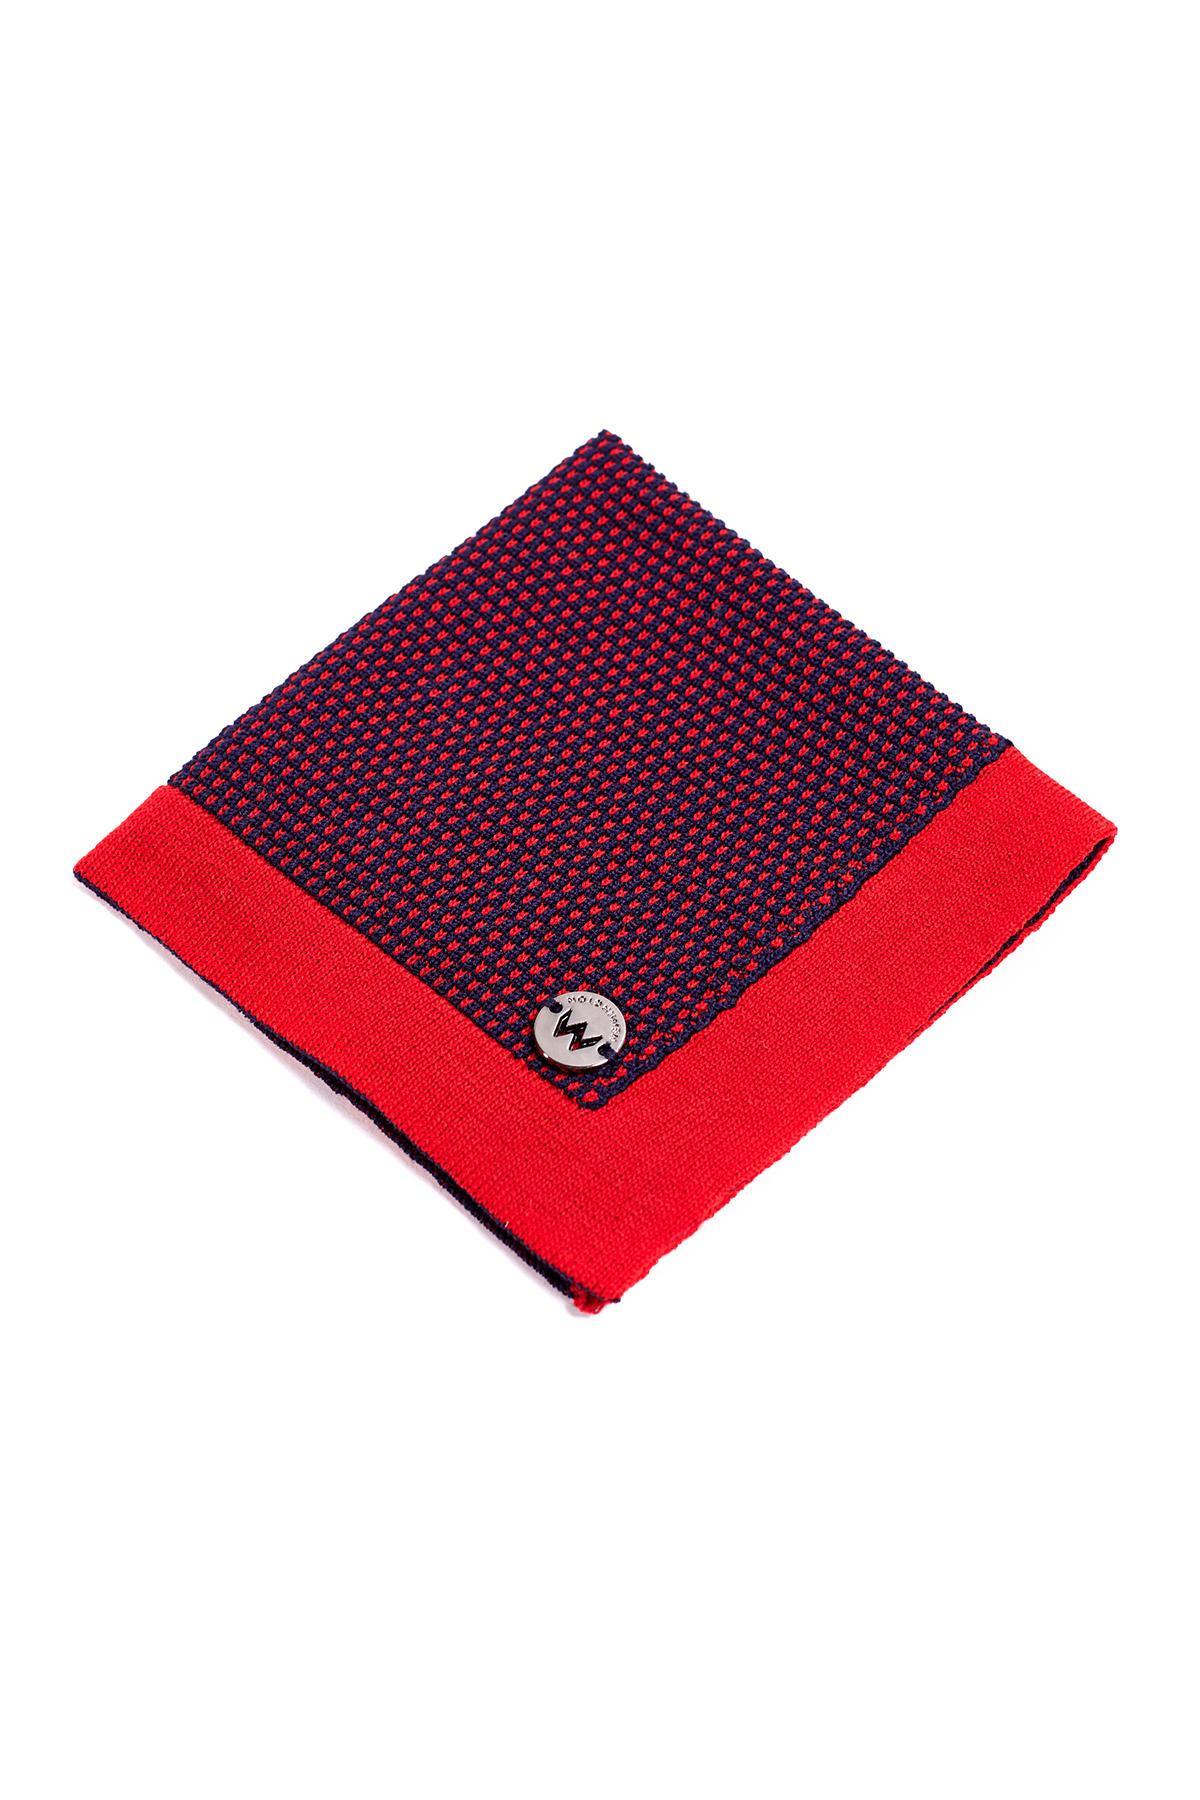 Lacivert Kırmızı Mikro Desen Örgü Mendil